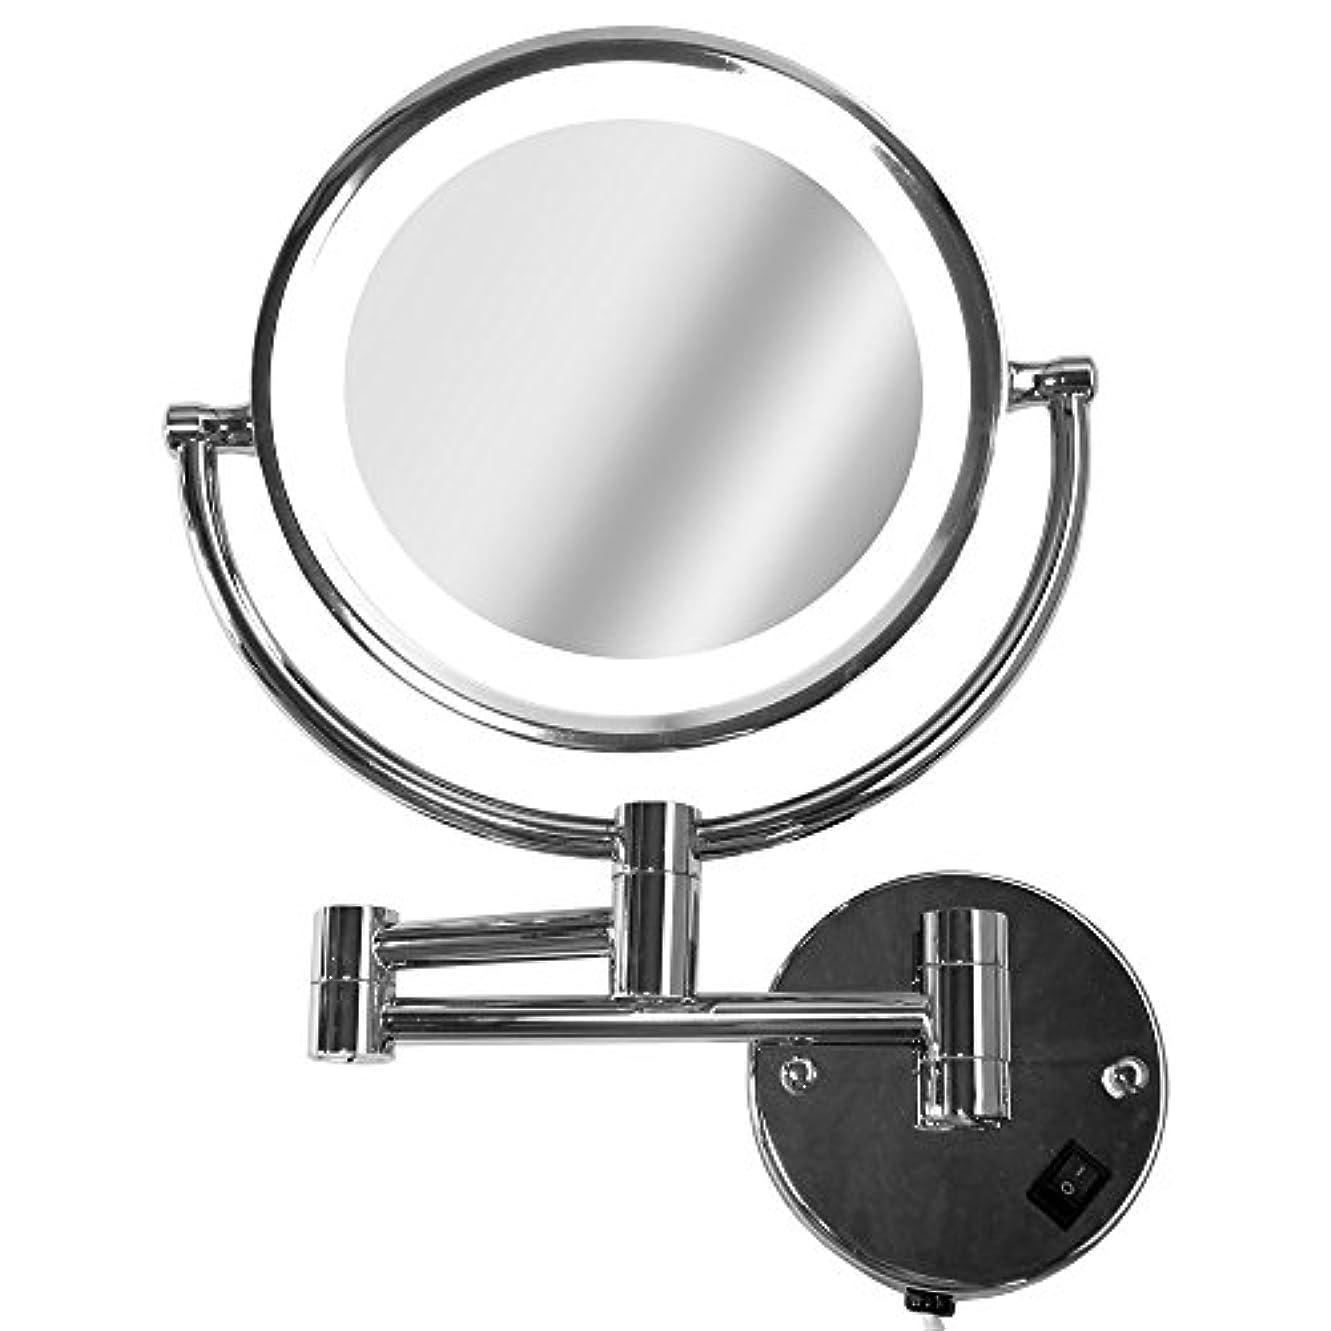 局シャツ発明La Curie アームミラー 壁付けミラー 拡大鏡 折りたたみホテルミラー LEDライト付 5倍 LaCurie014